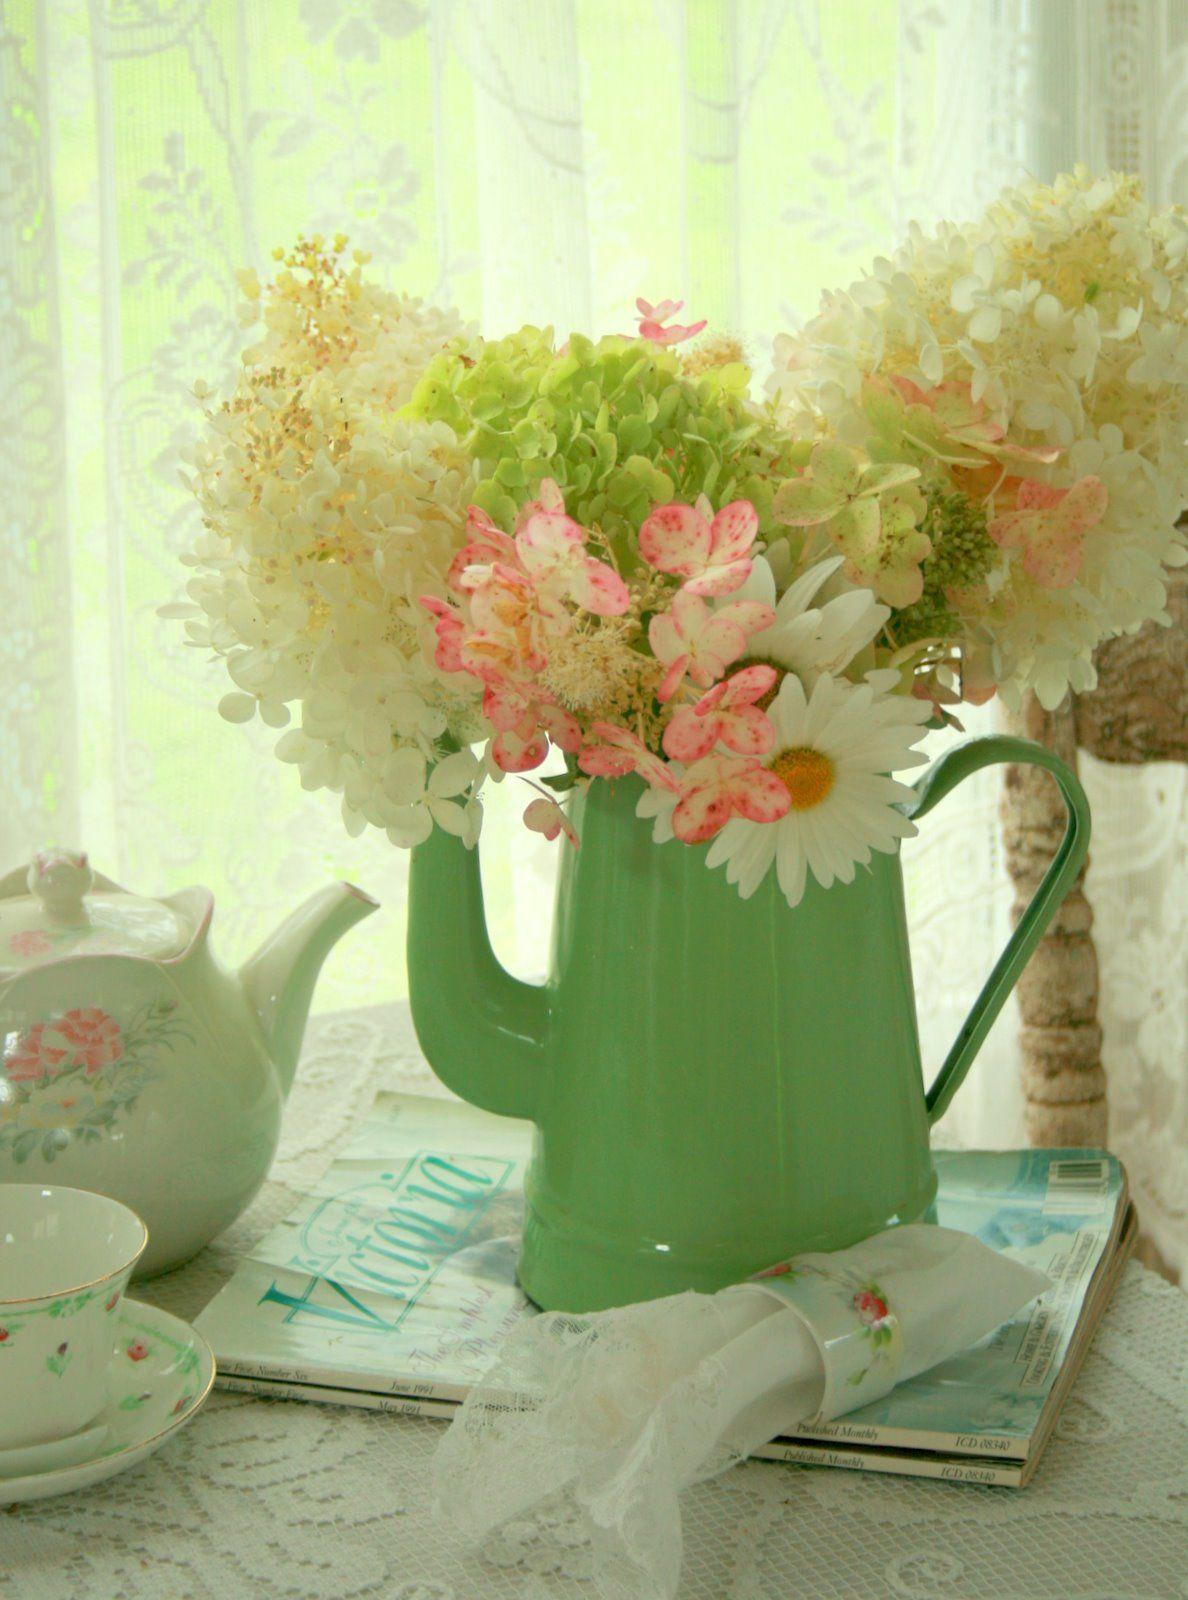 Aiken House & Gardens ~ flowers in coffee pot, tea set ...